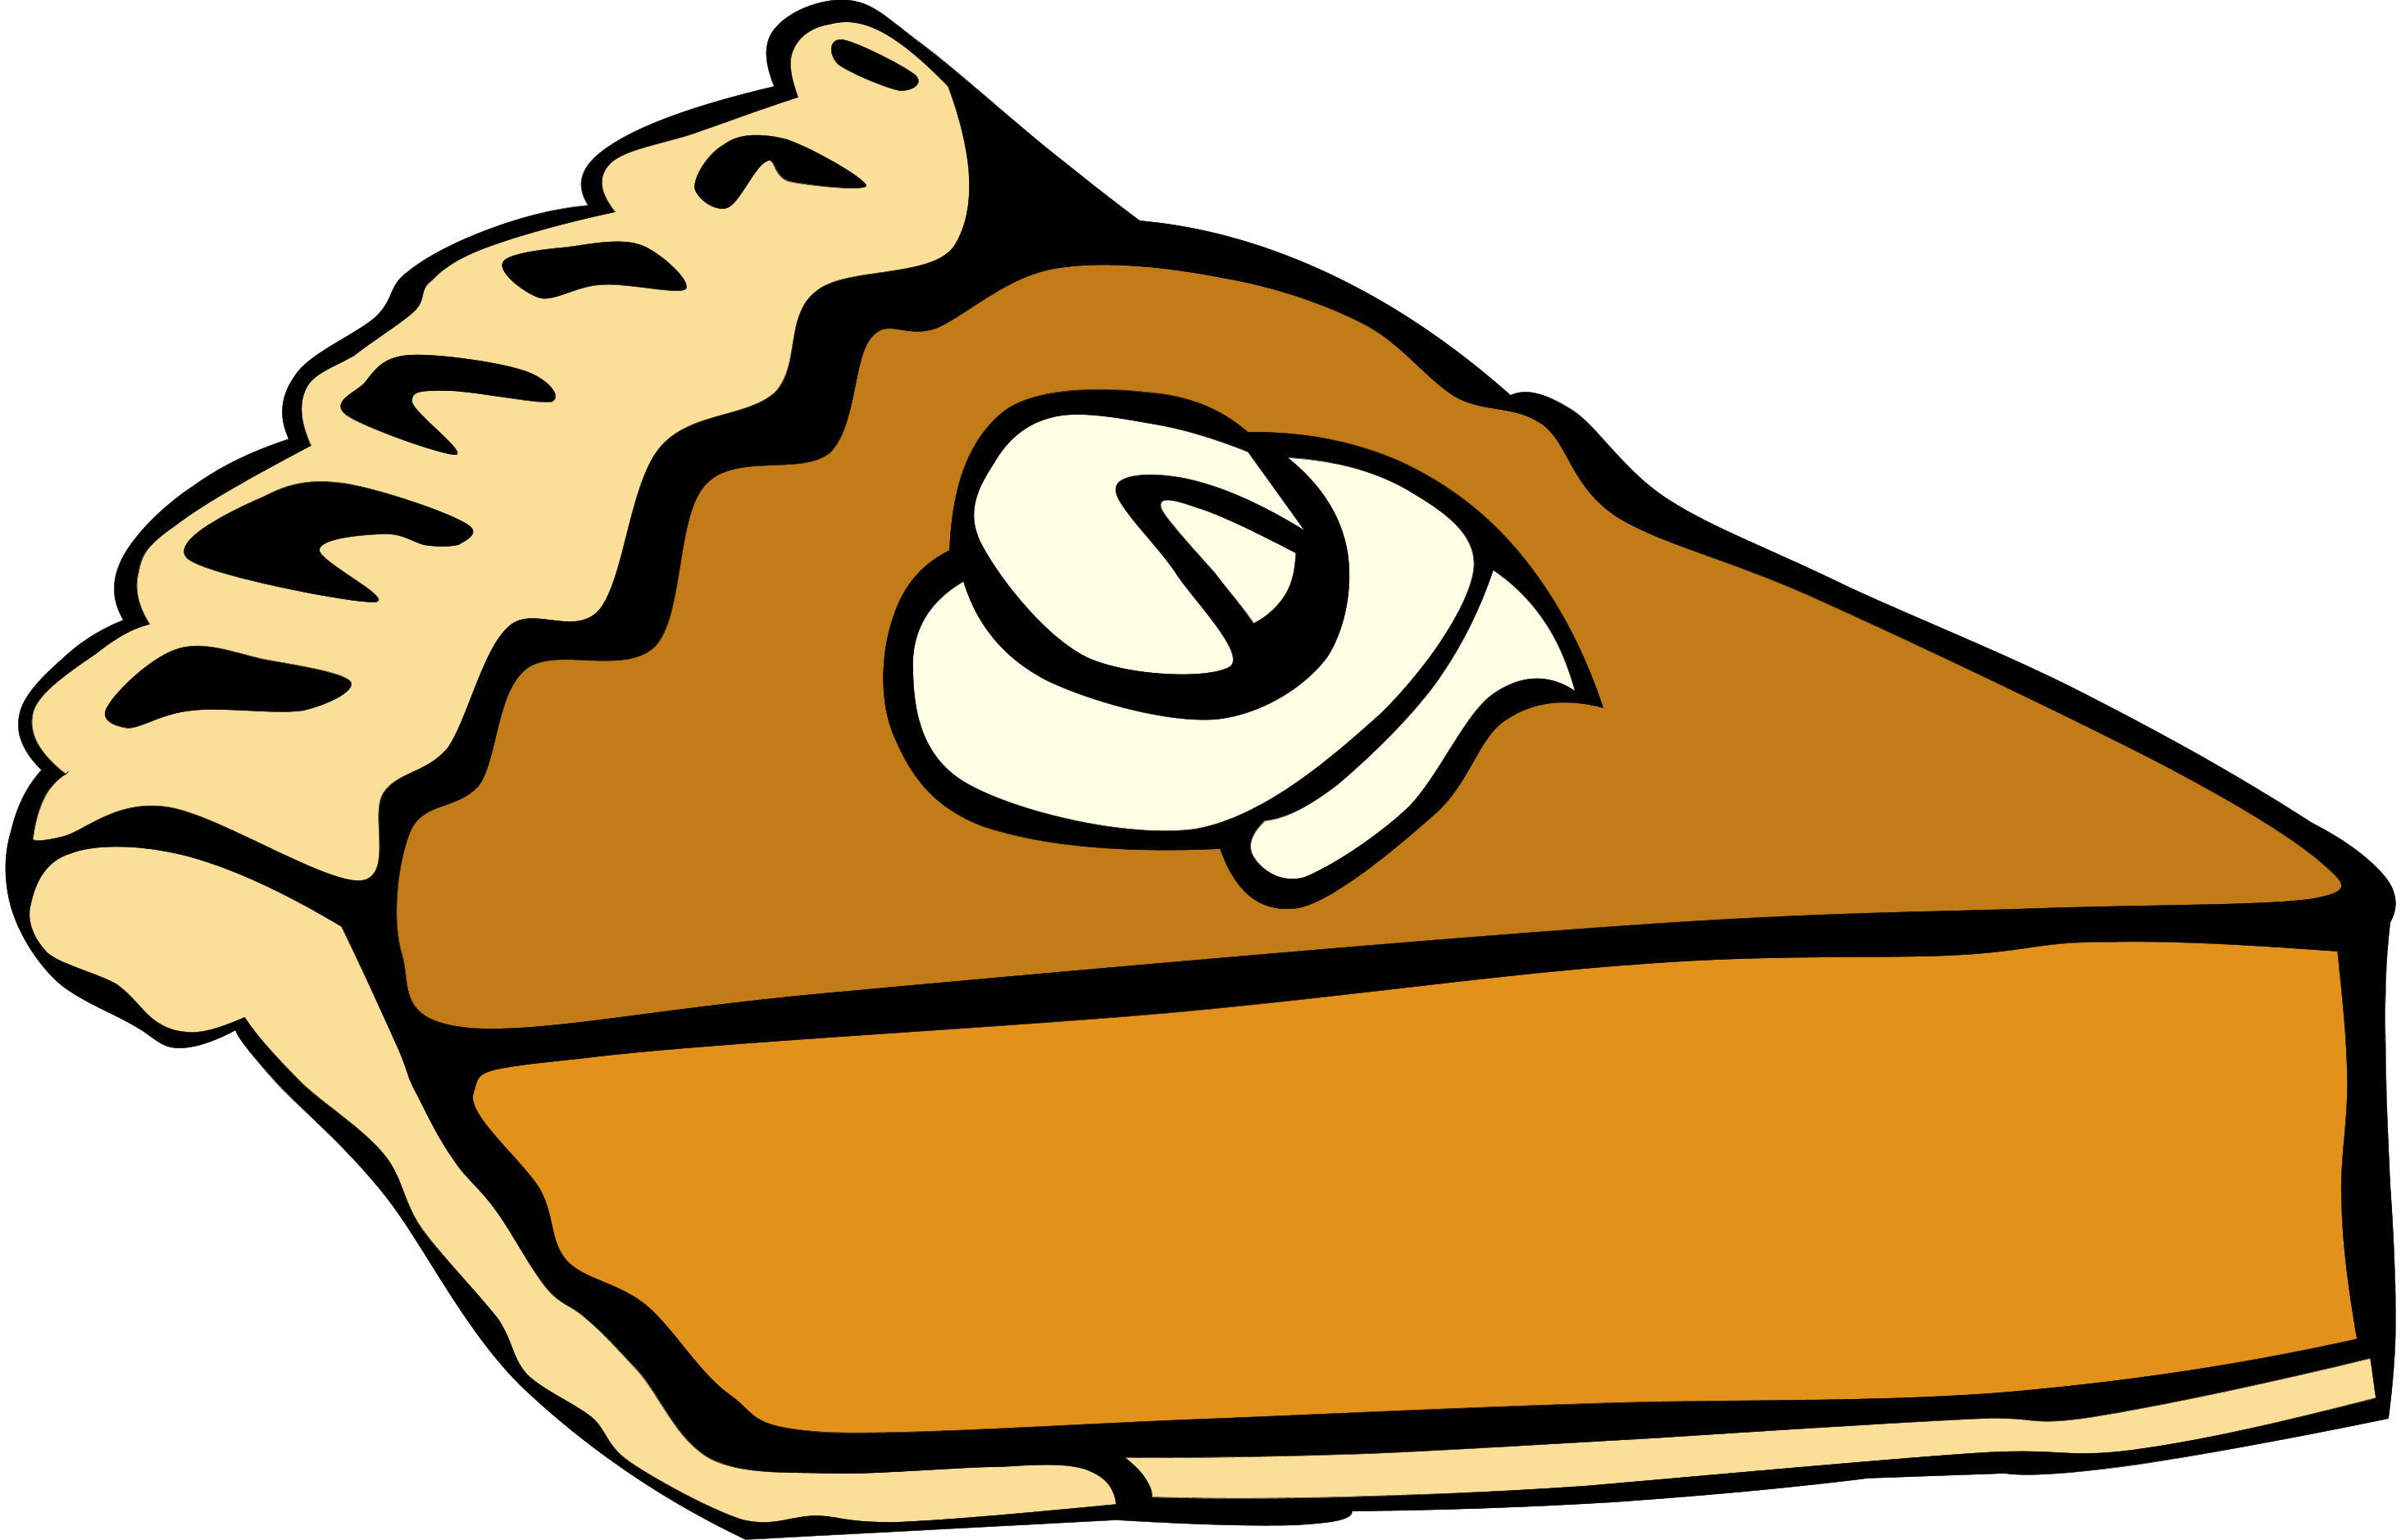 In The Desert clipart thanksgiving pie Panda Dessert Borders Art Free